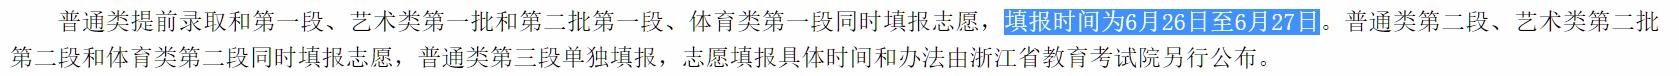 2019浙江高考志愿填报批次、时间及其他关键政策